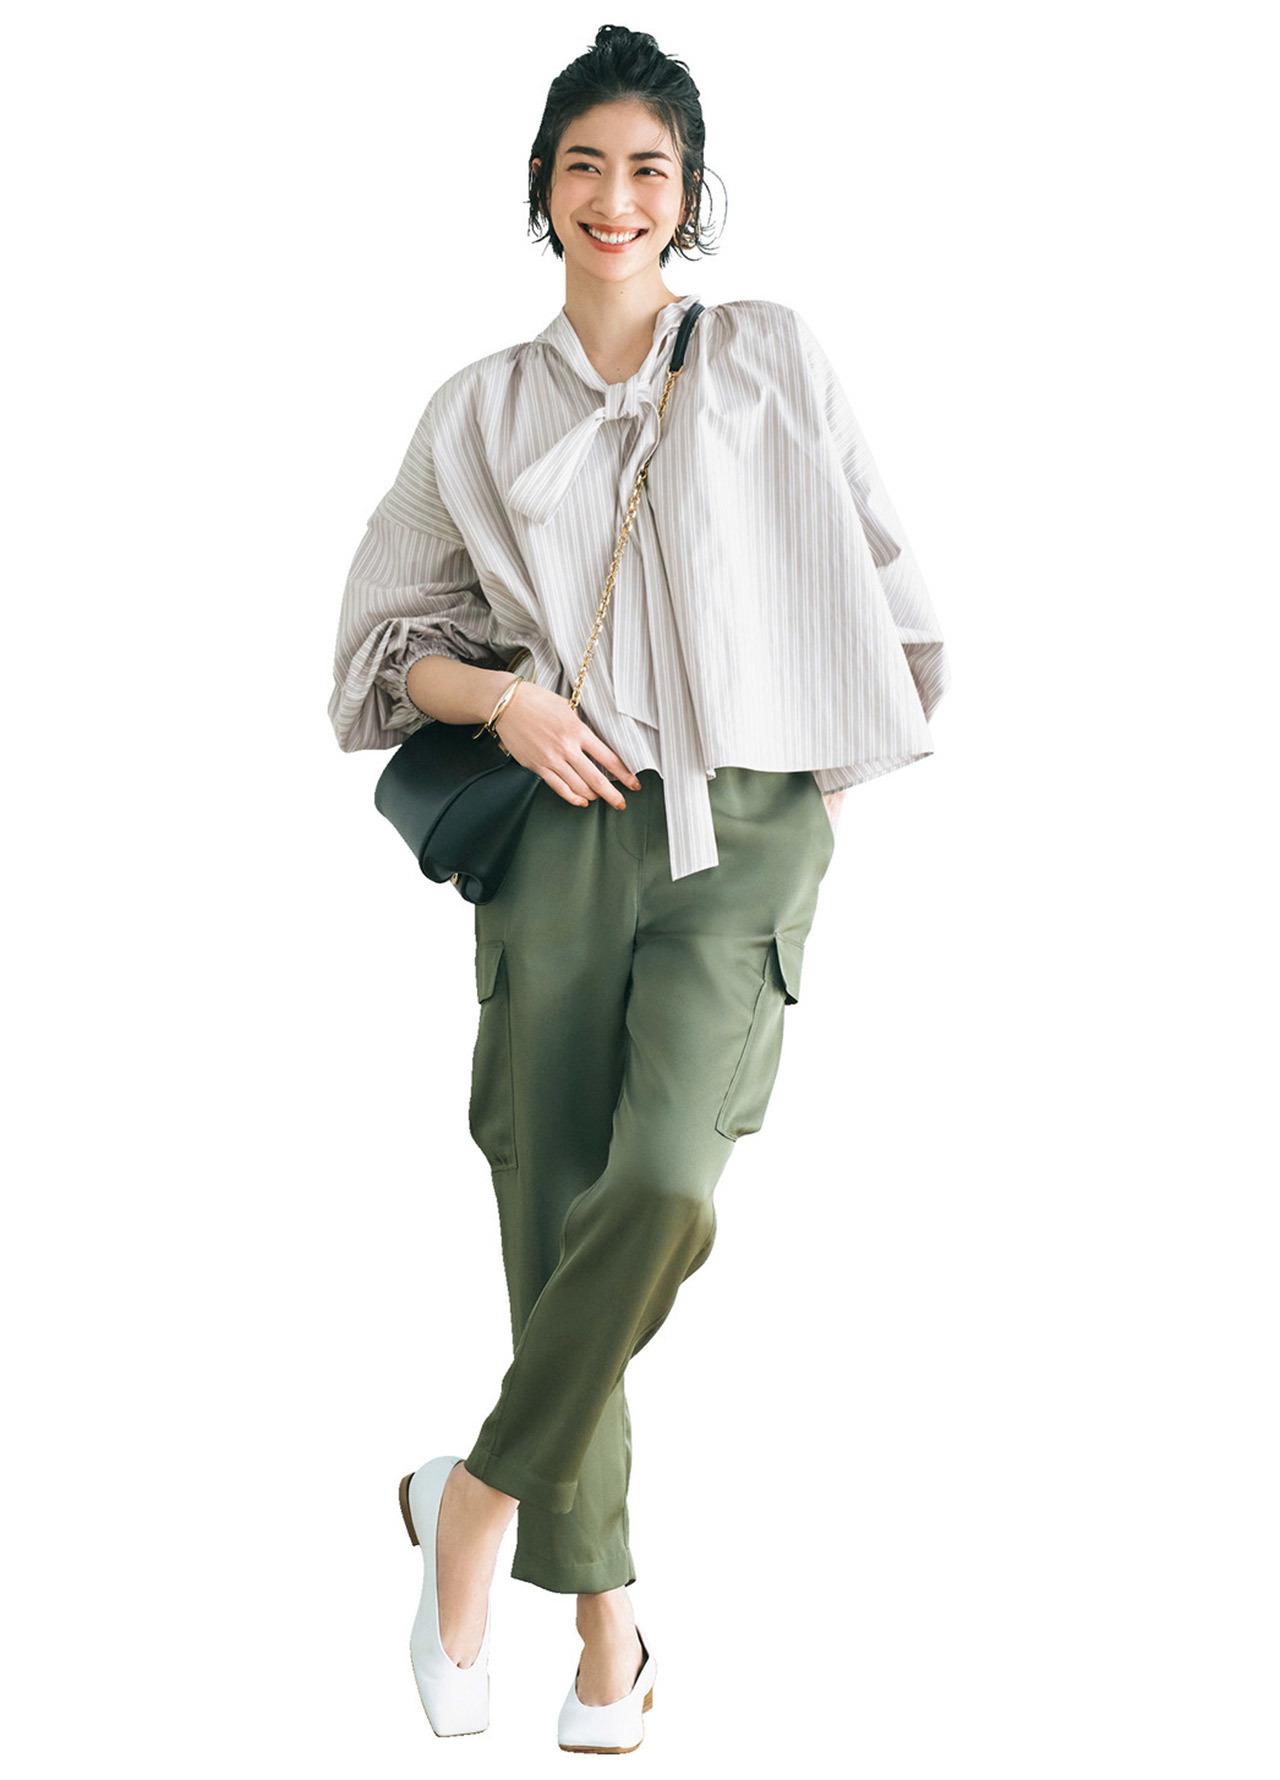 ボリューム袖シャツとカーゴパンツ